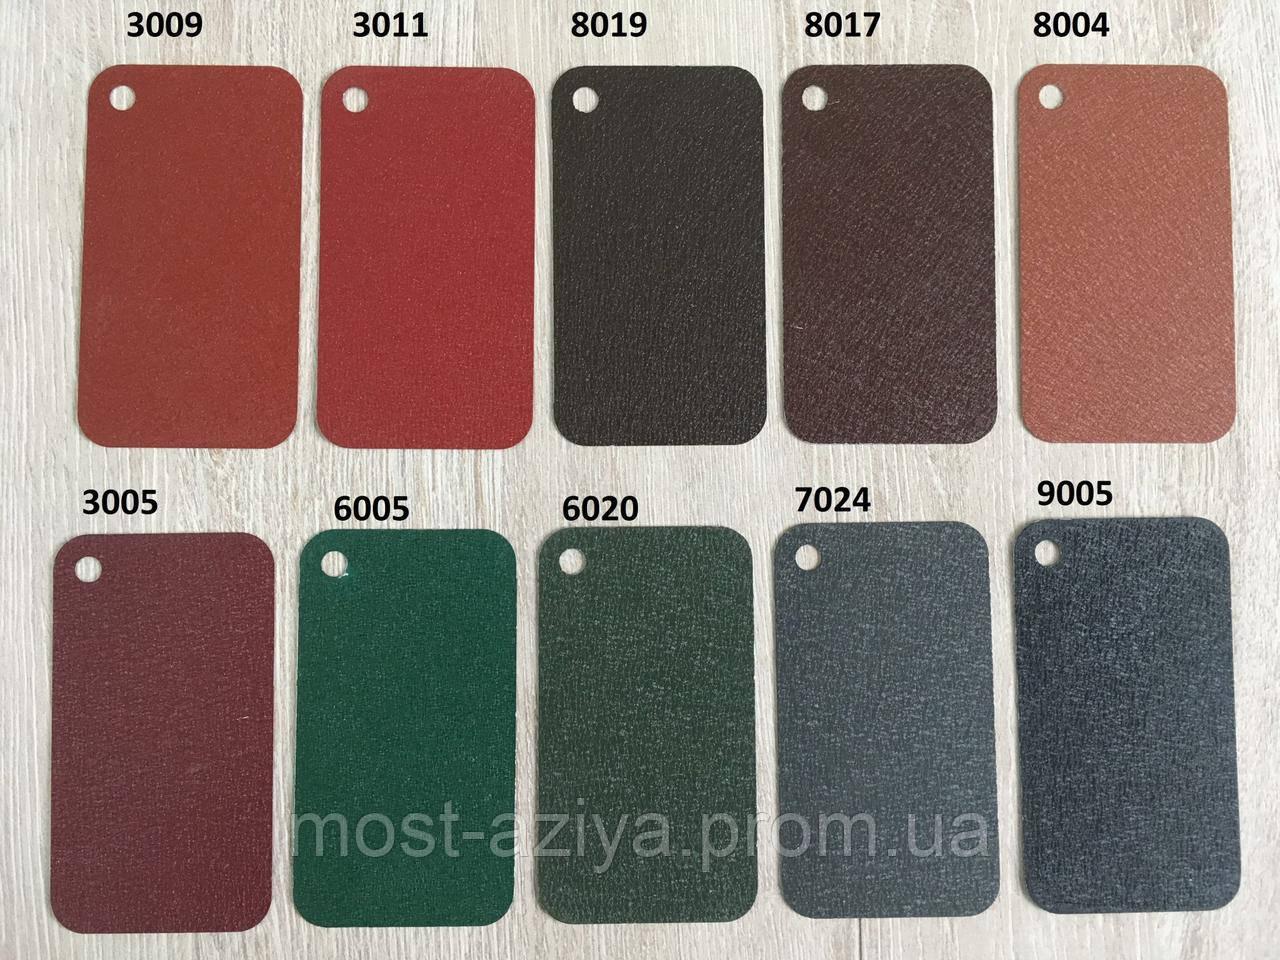 Матовый профнастил Коричневый, Бордовый, Красный, Зеленый, Графитовый, Темно-коричневый, Черный, Терракотовый